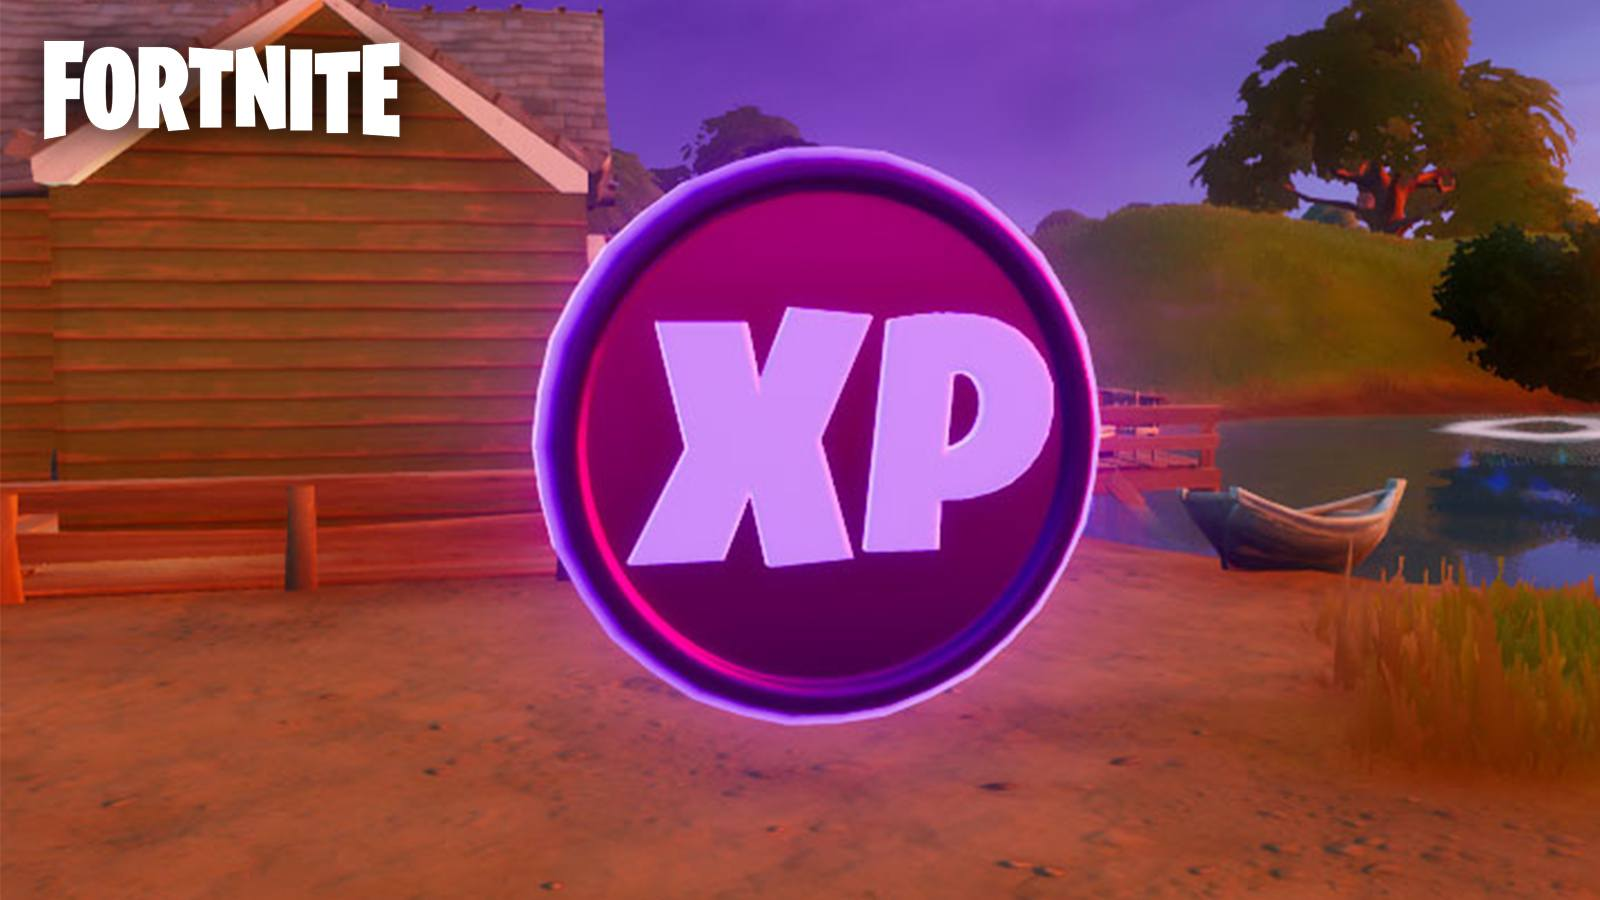 Emplacements des pièces d'XP violettes Fortnite saison 4